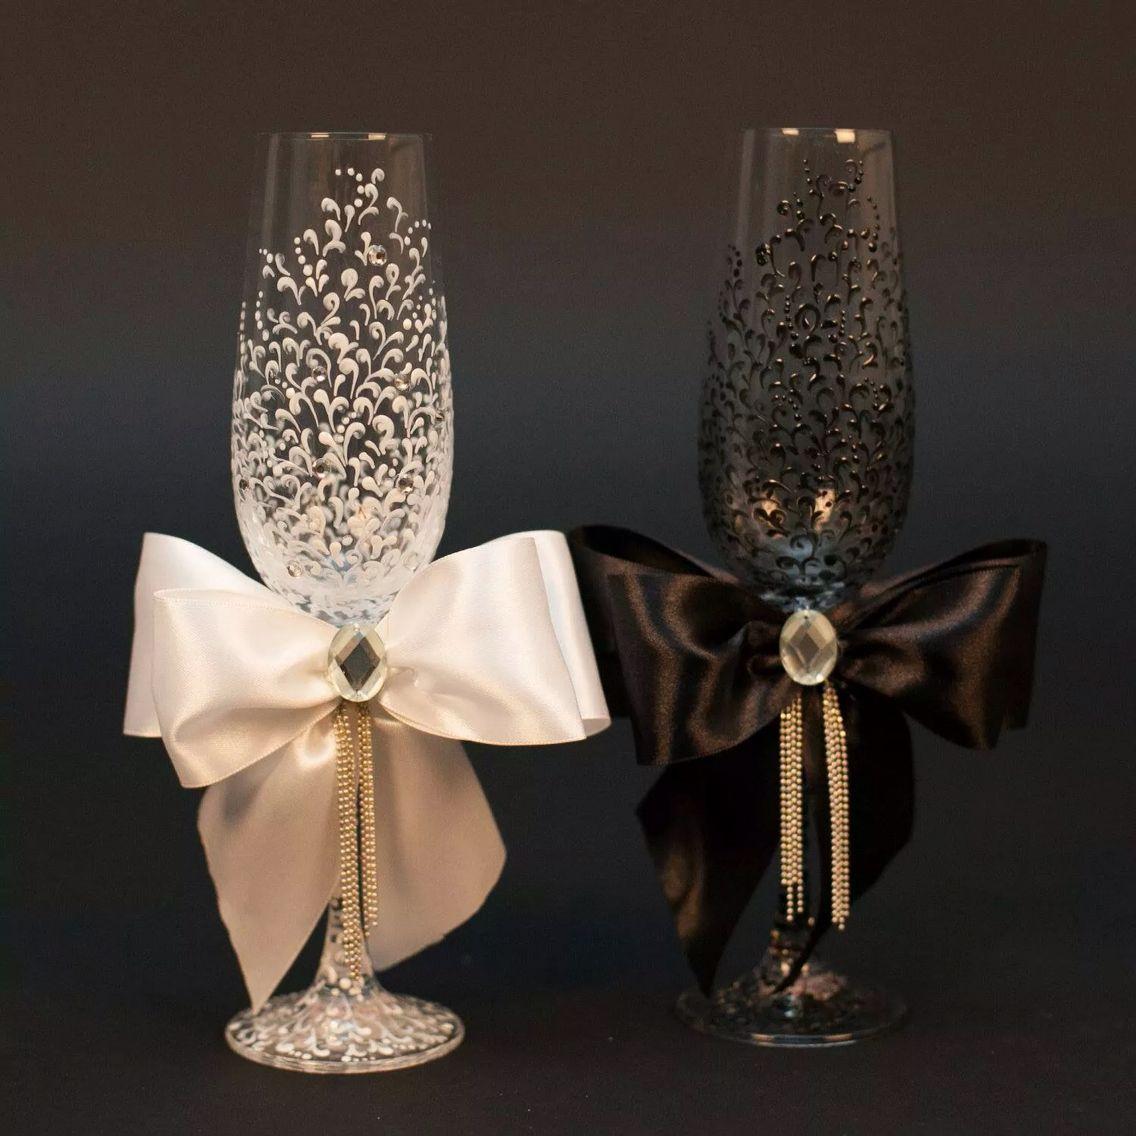 Bride And Groom Glasses Champagner Hochzeit Sektglaser Hochzeit Hochzeit Accessoires